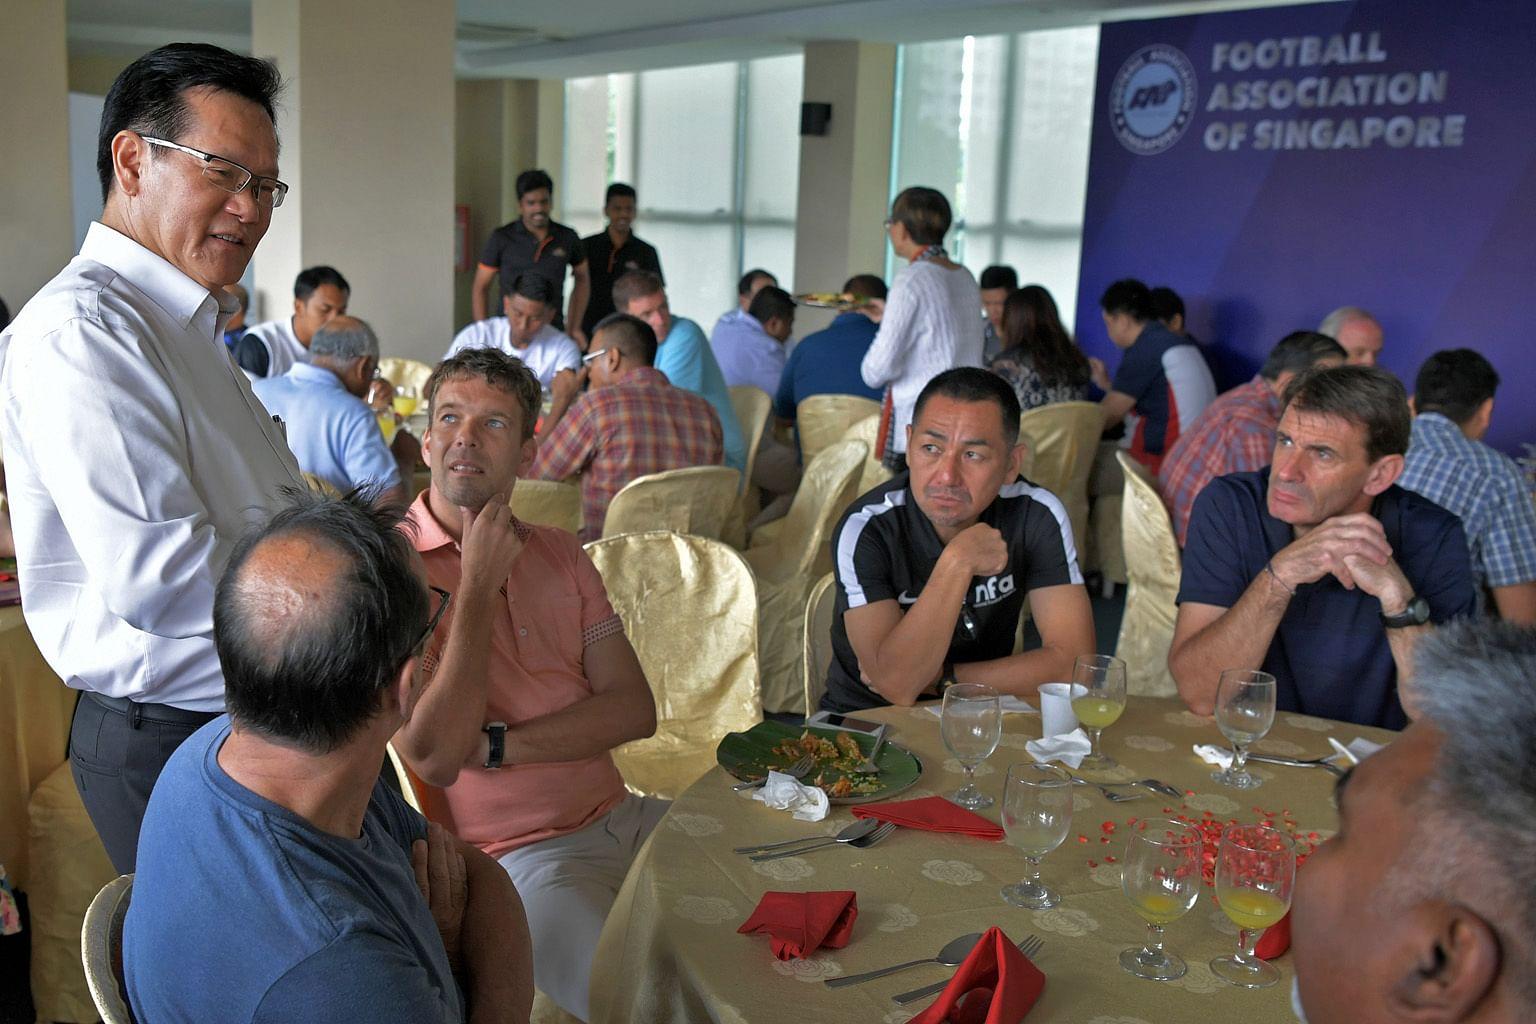 Majlis baru FAS adakan mesyuarat sulung, legakan kakitangan